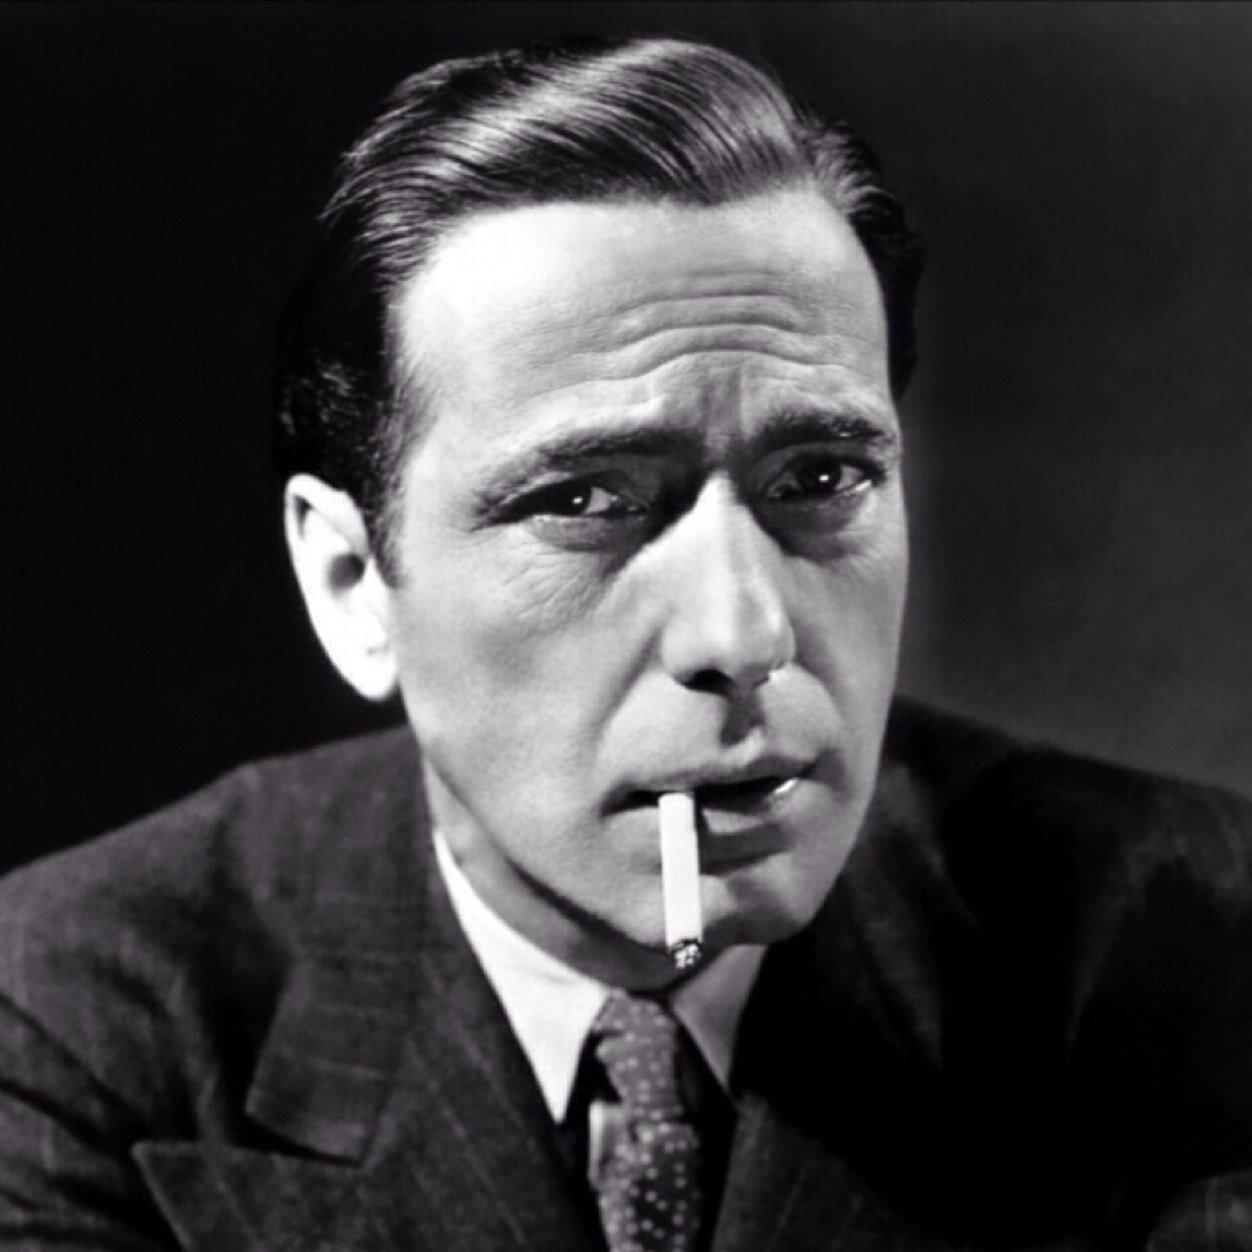 Cigarette Wallpaper Hd Humphrey Bogart Hdbogart Twitter